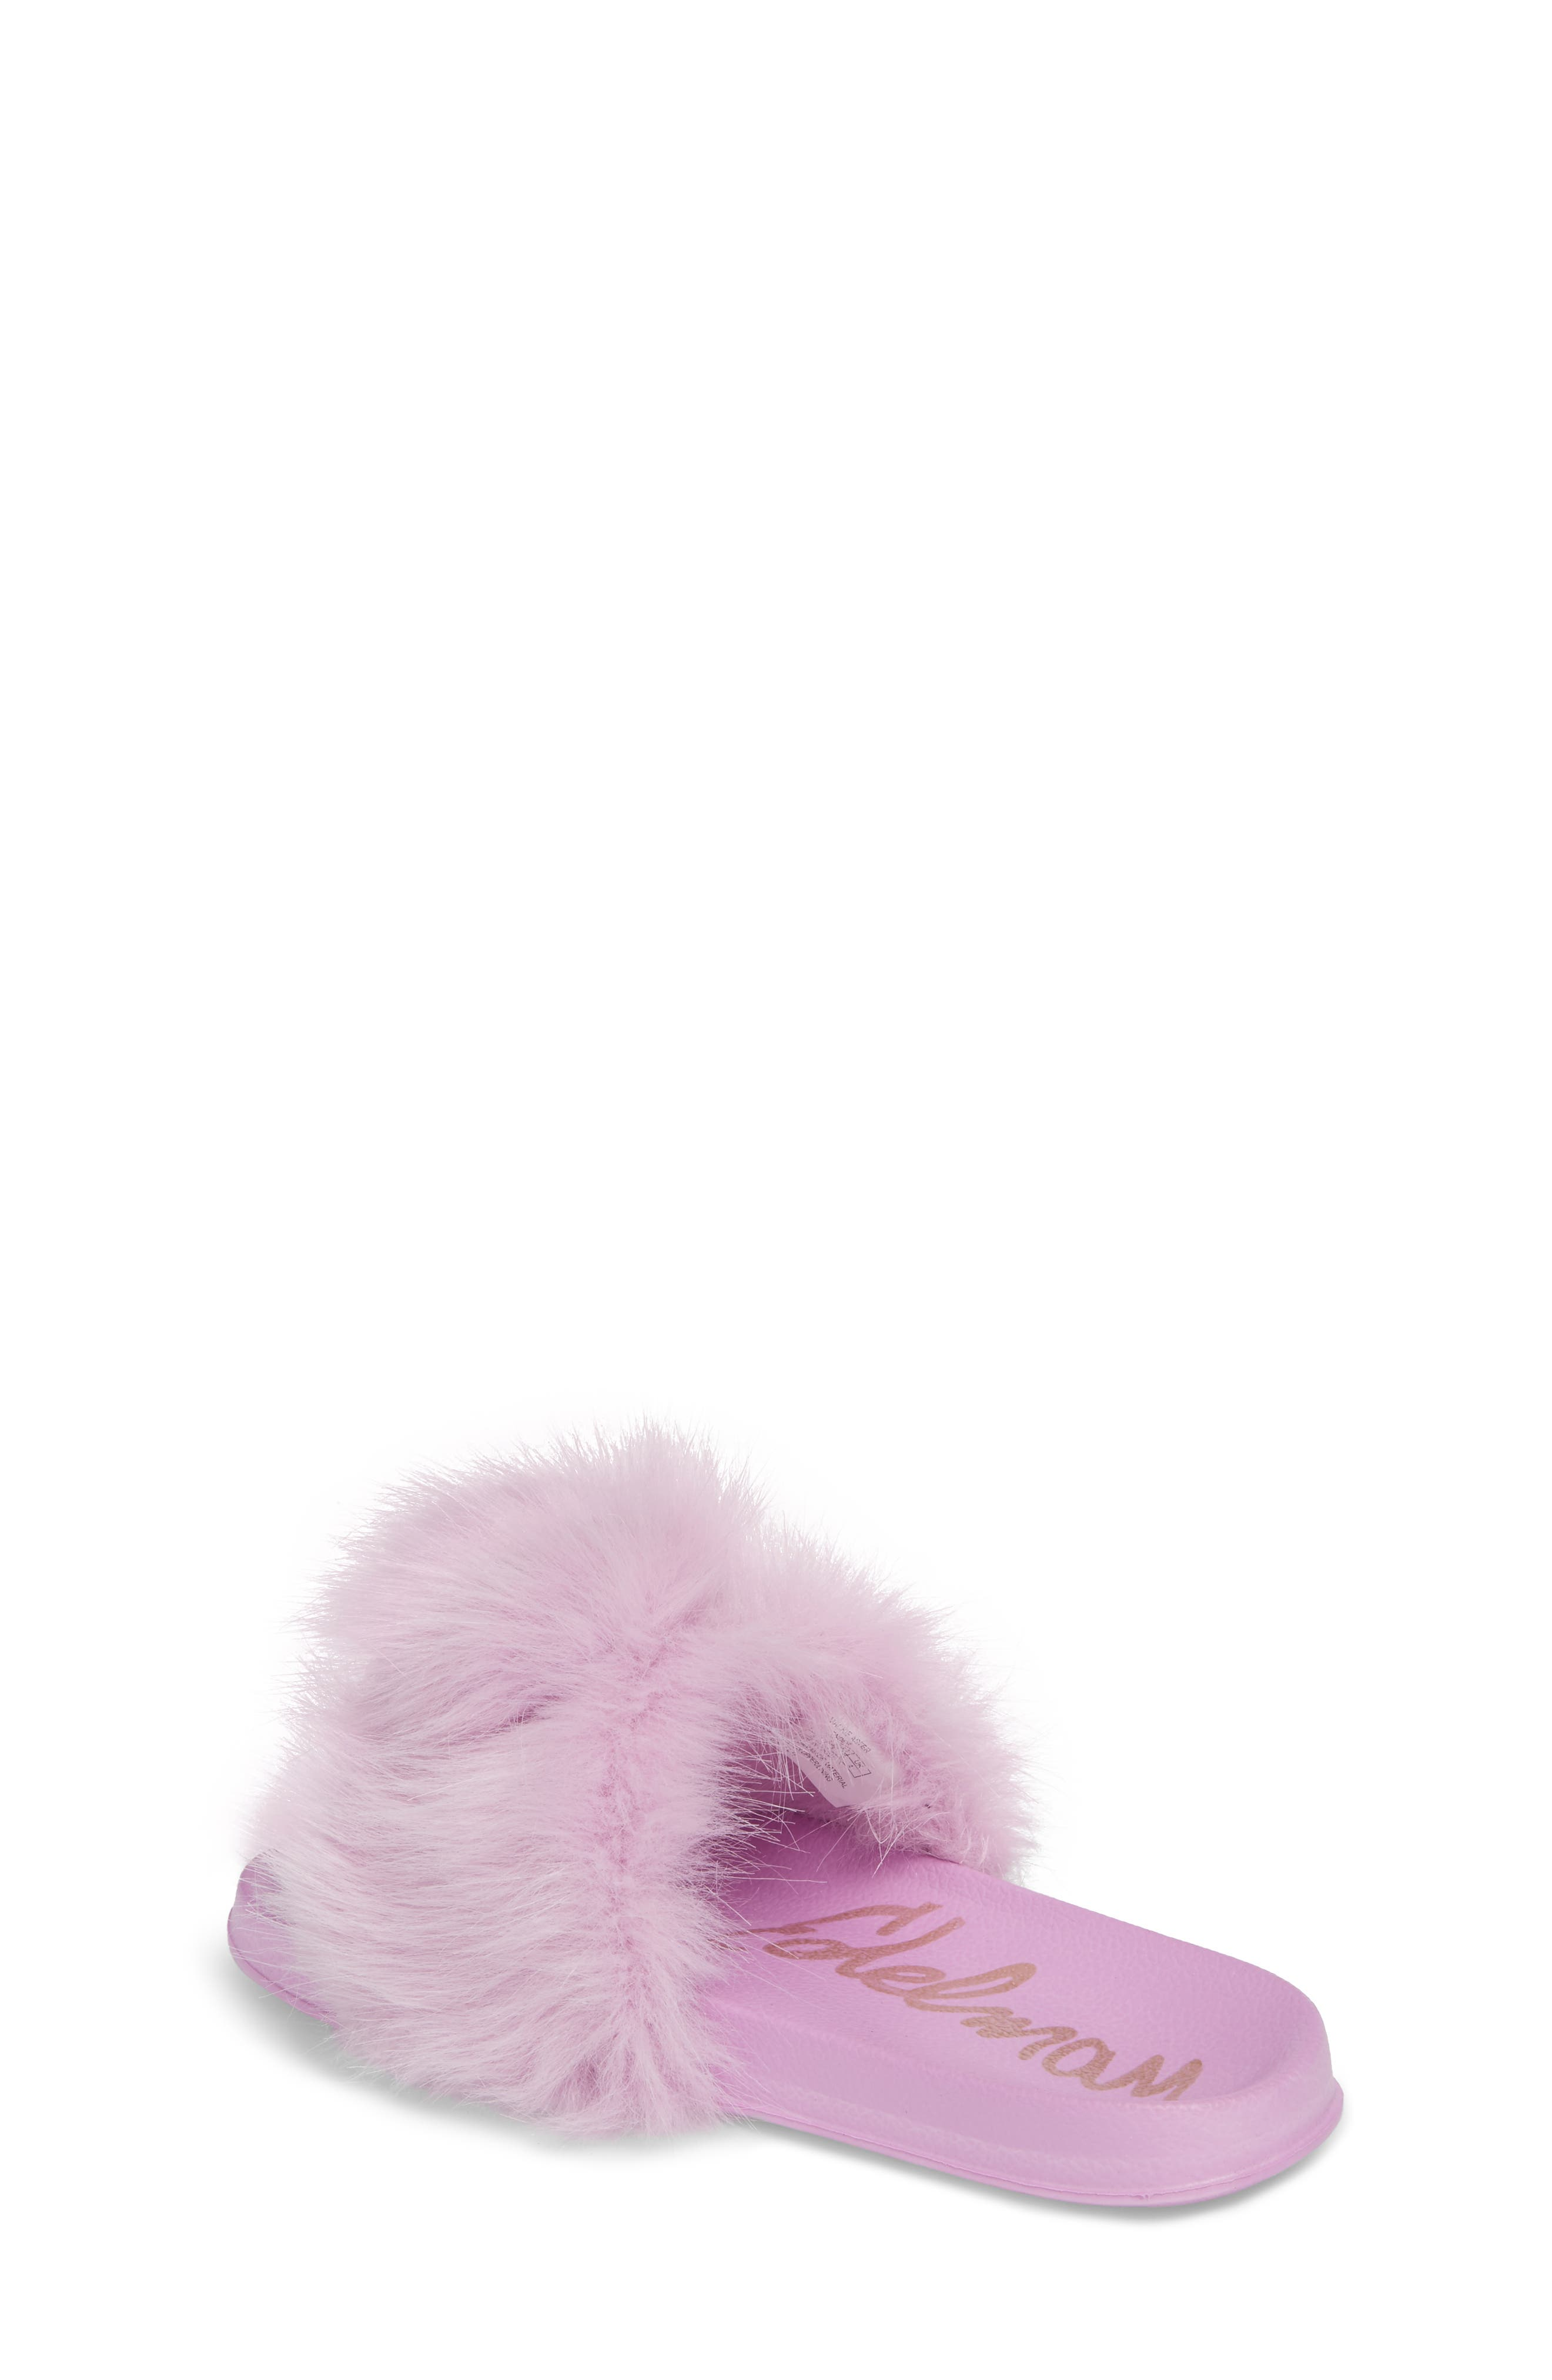 Mackie Aster Faux Fur Slide Sandal,                             Alternate thumbnail 2, color,                             Lavender Faux Fur